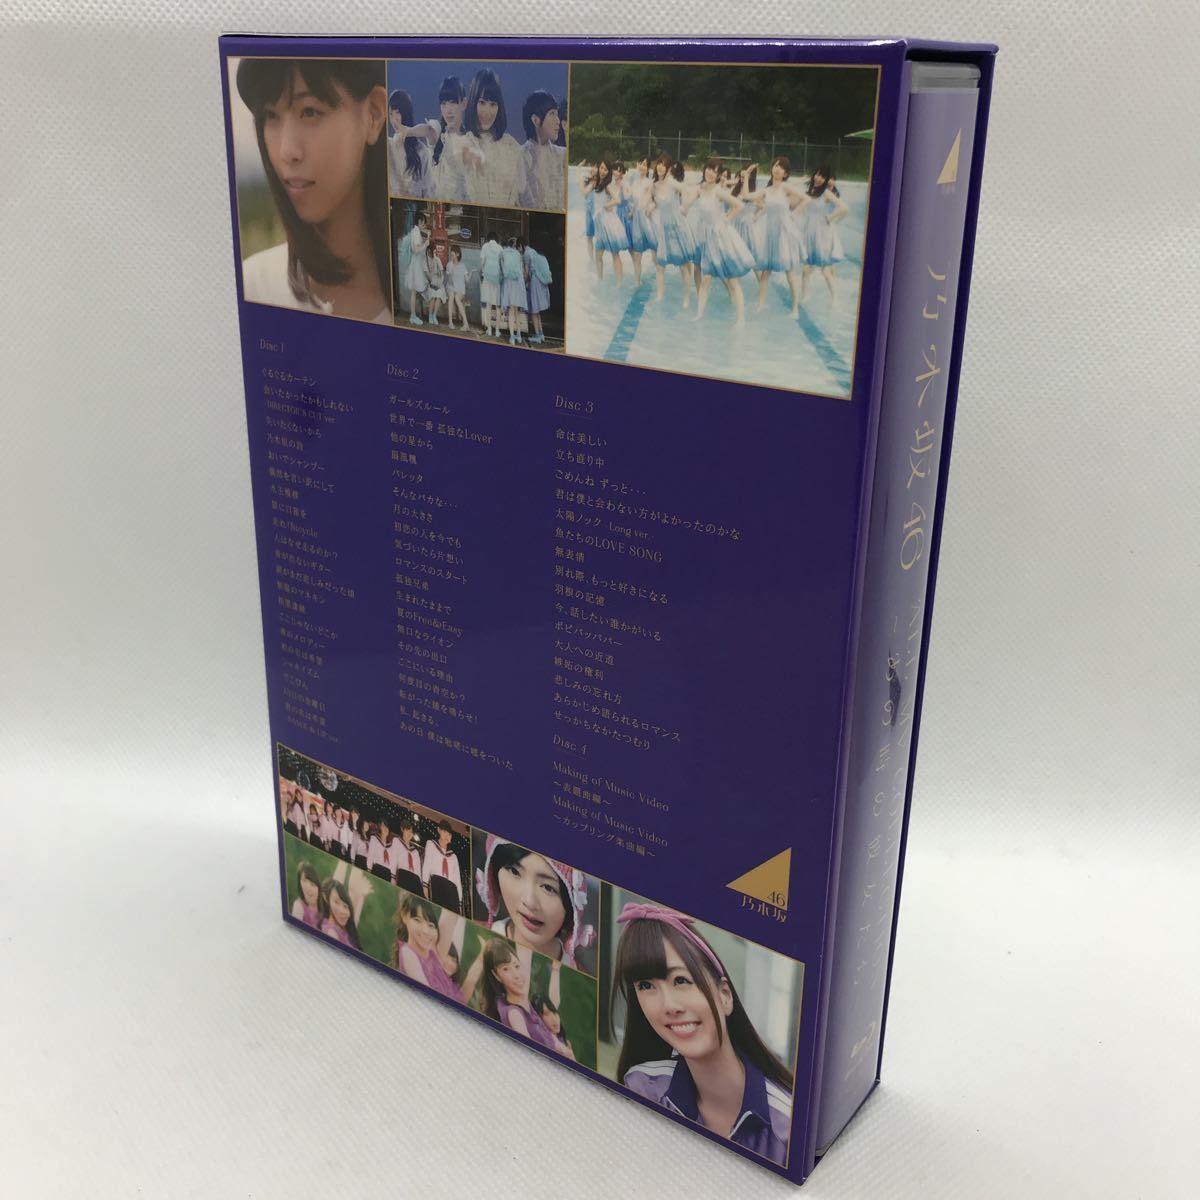 乃木坂46 ALL MV COLLECTION ~あの時の彼女たち~ 完全生産限定盤 Blu-ray 4枚組_画像2